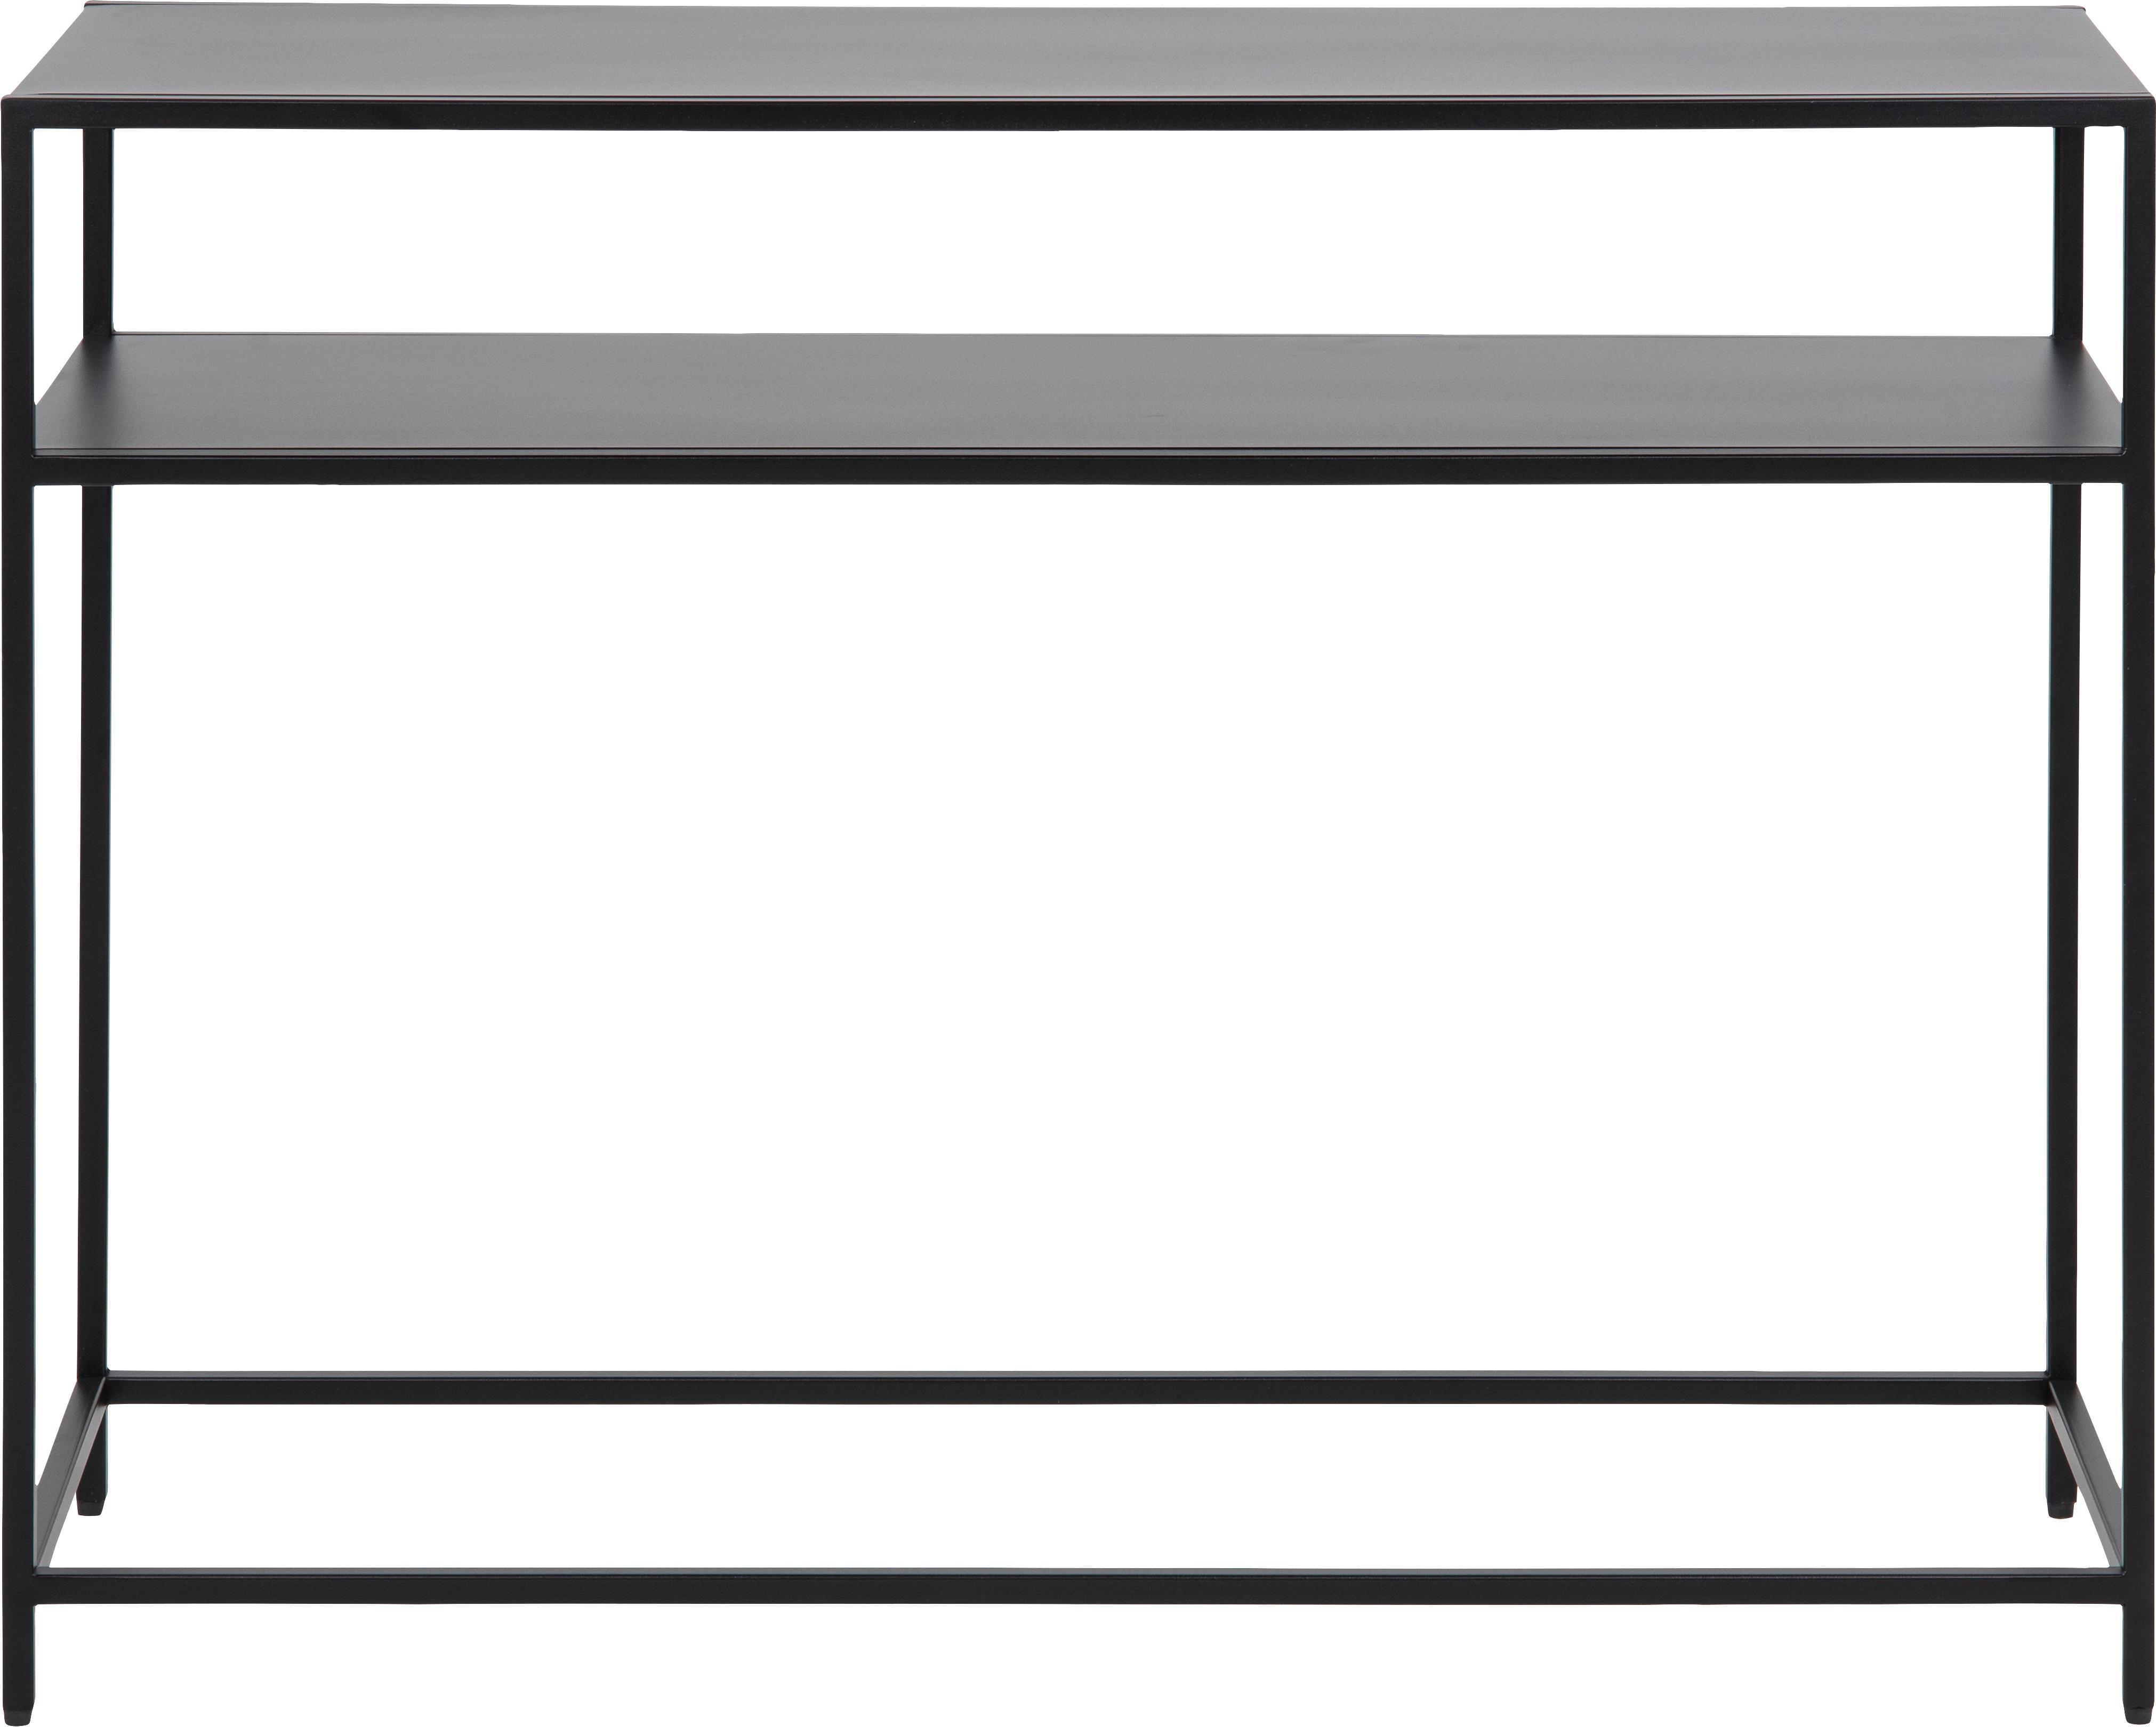 Metall-Konsole Newton in Schwarz, Metall, pulverbeschichtet, Schwarz, 100 x 79 cm